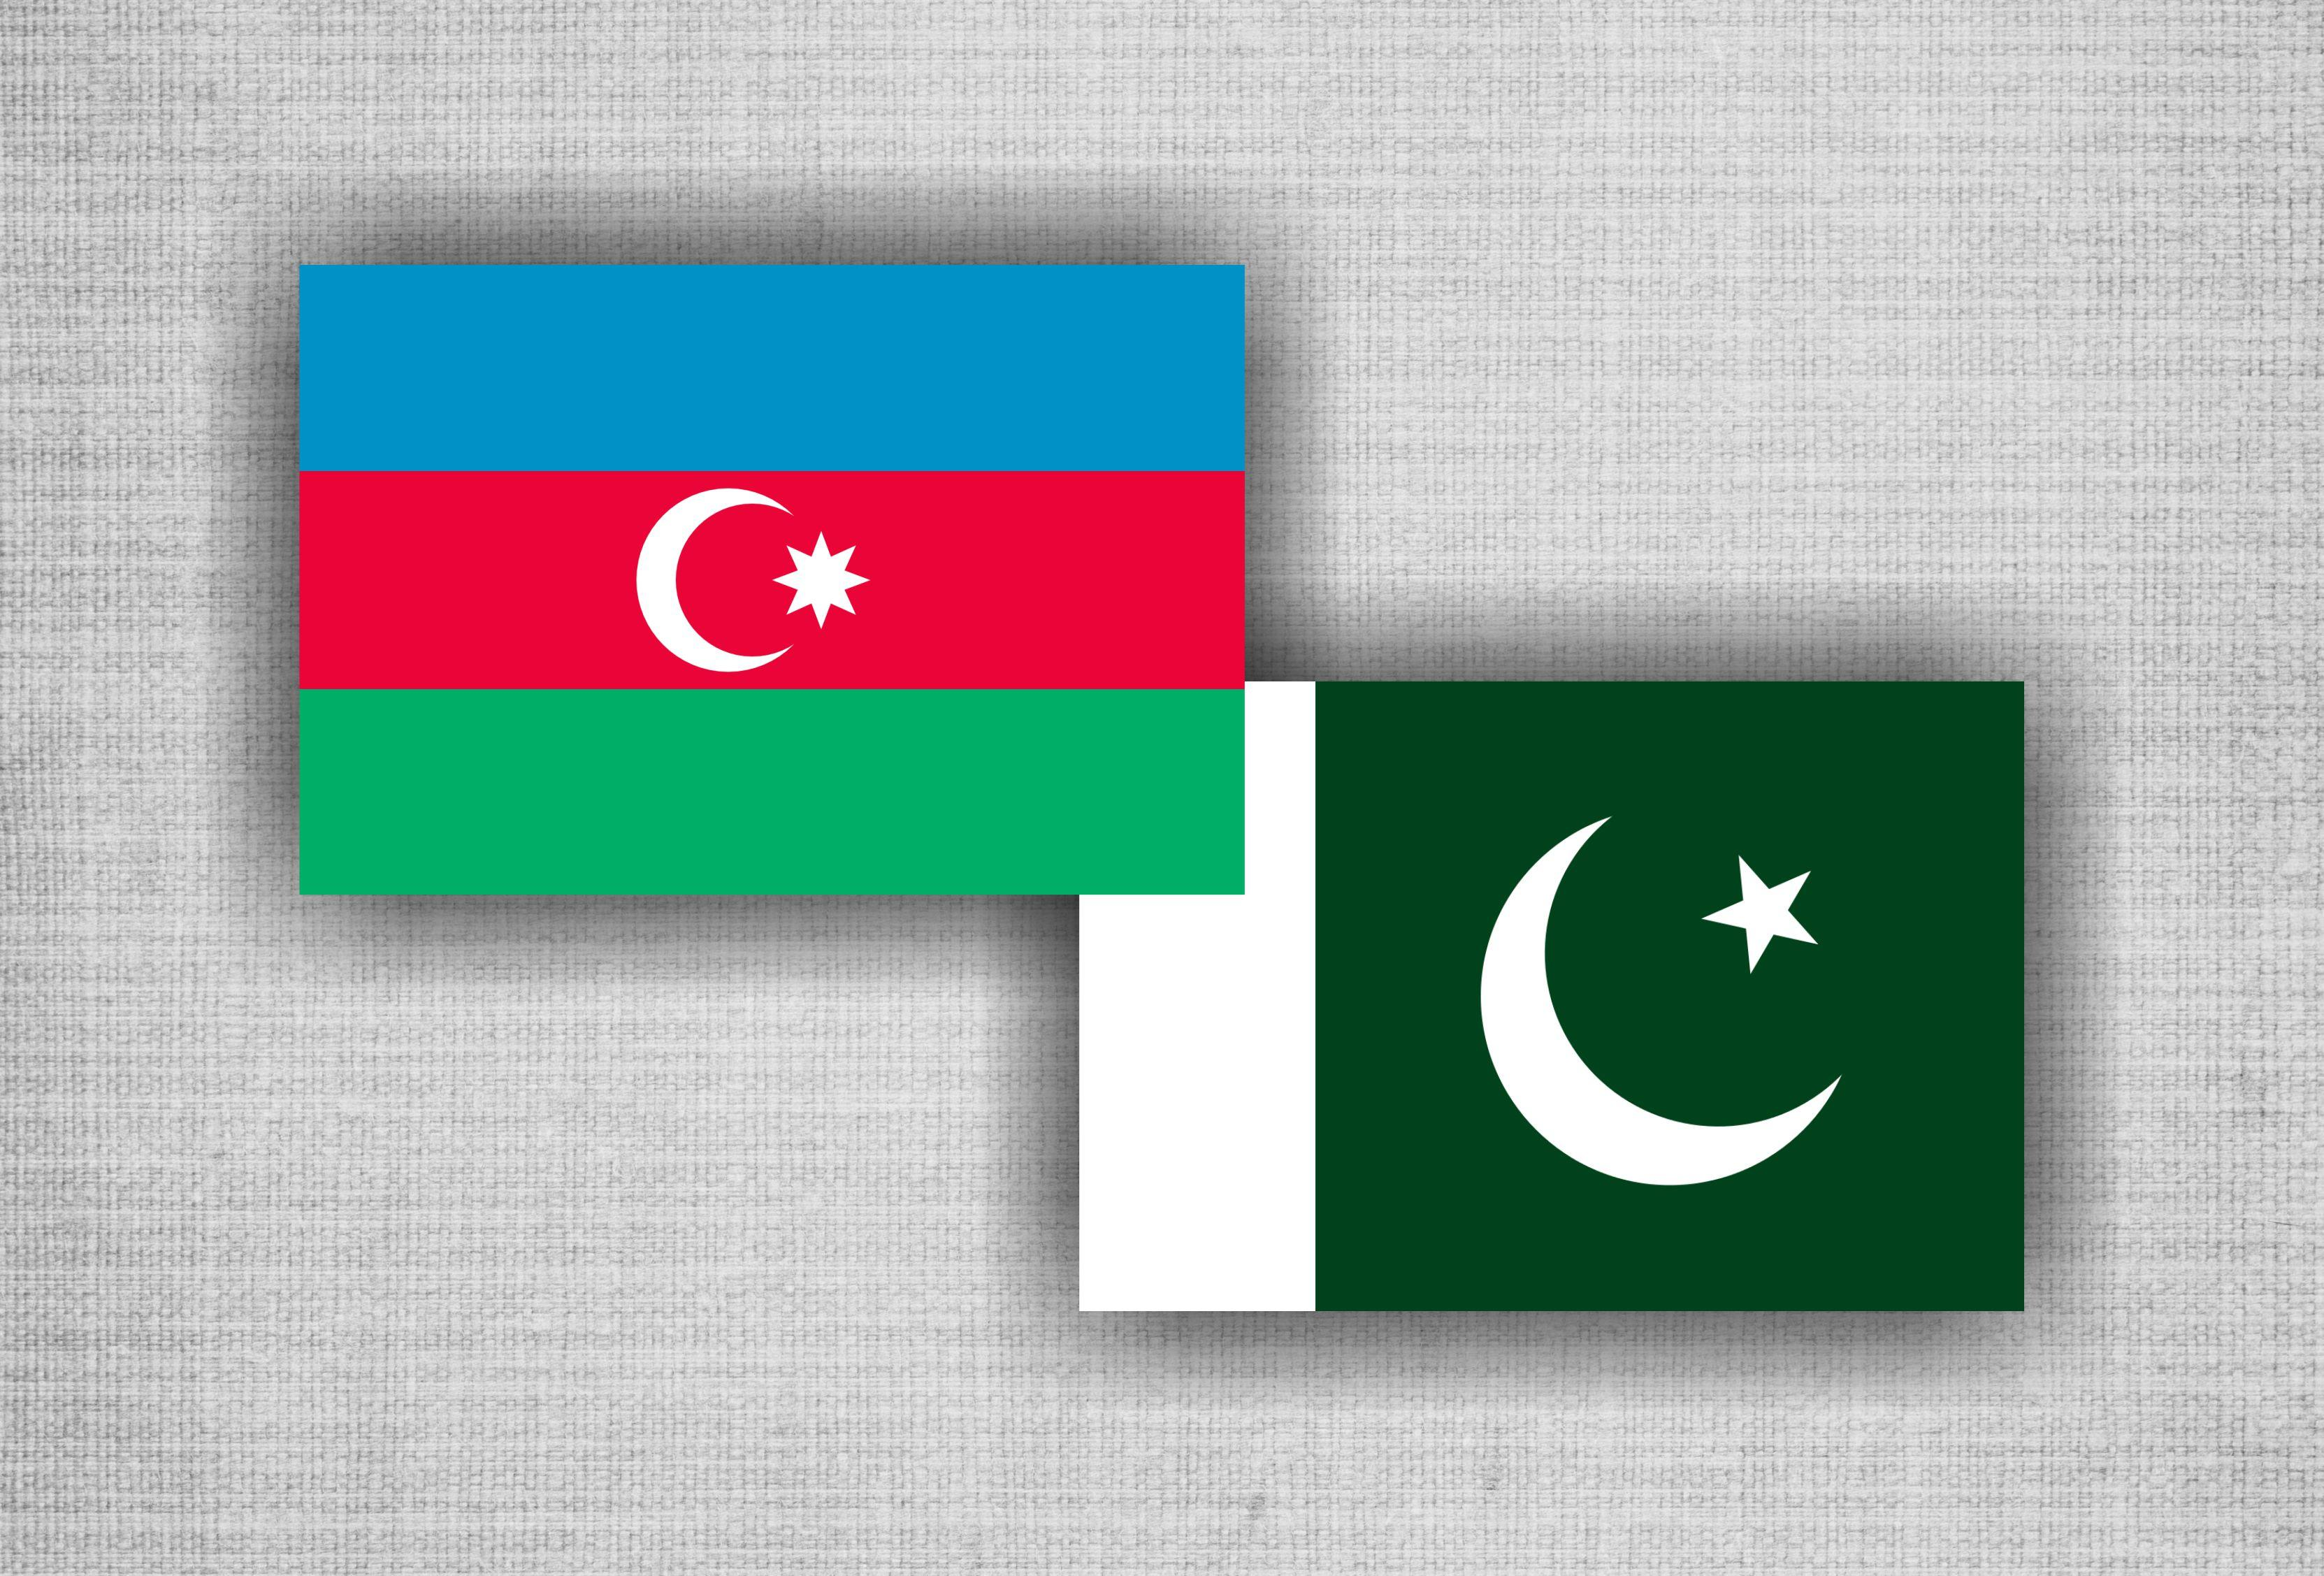 Azərbaycanla Pakistan arasında strateji tərəfdaşlıq haqda birgə bəyannamə təsdiqlənib